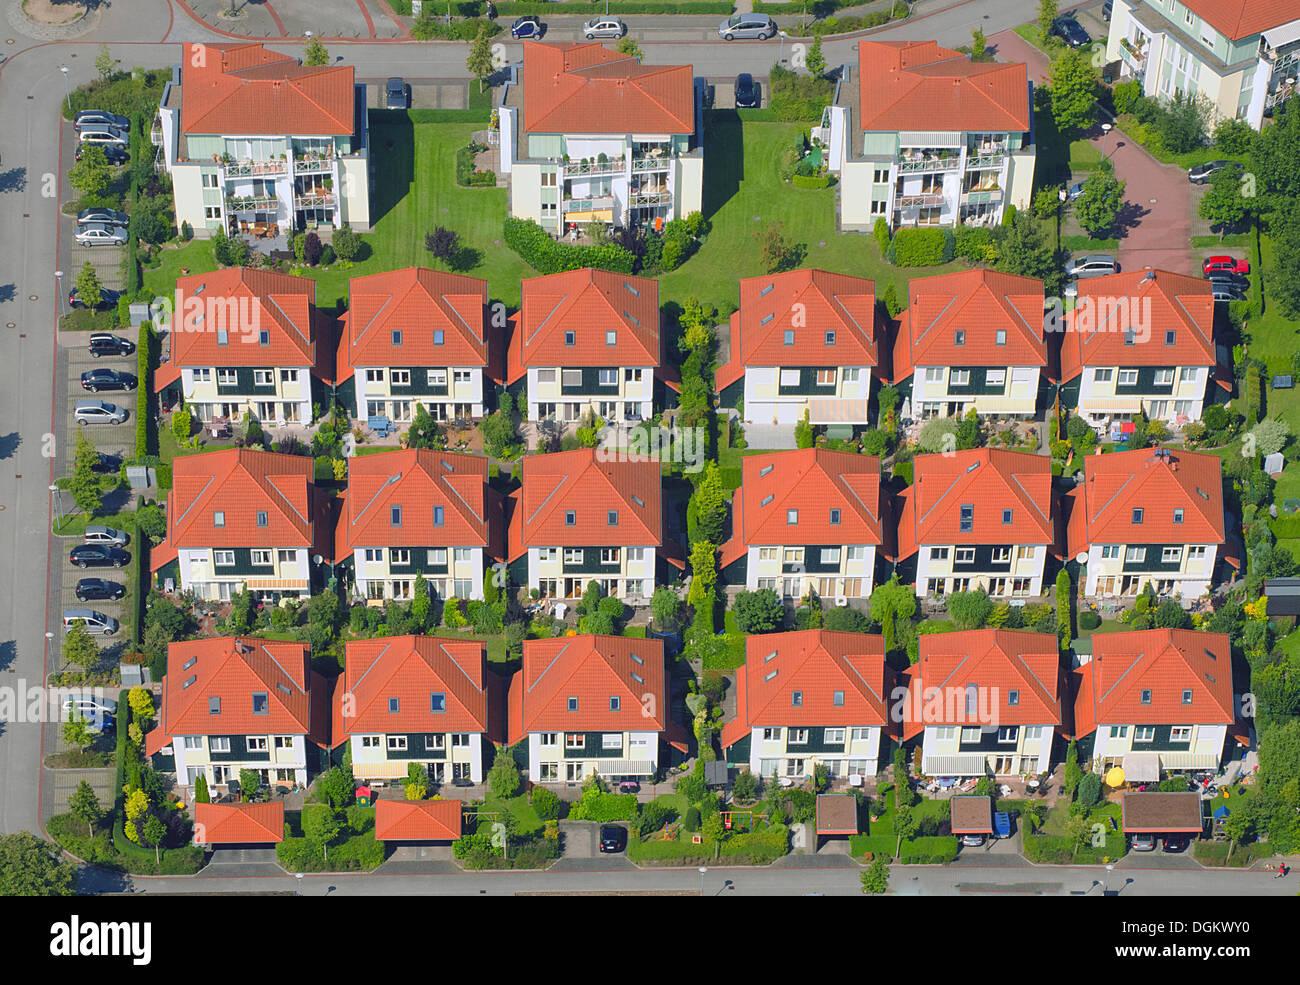 Luftaufnahme Reihenhaus Häuser Wohnsiedlung Wentorf Bei Hamburg